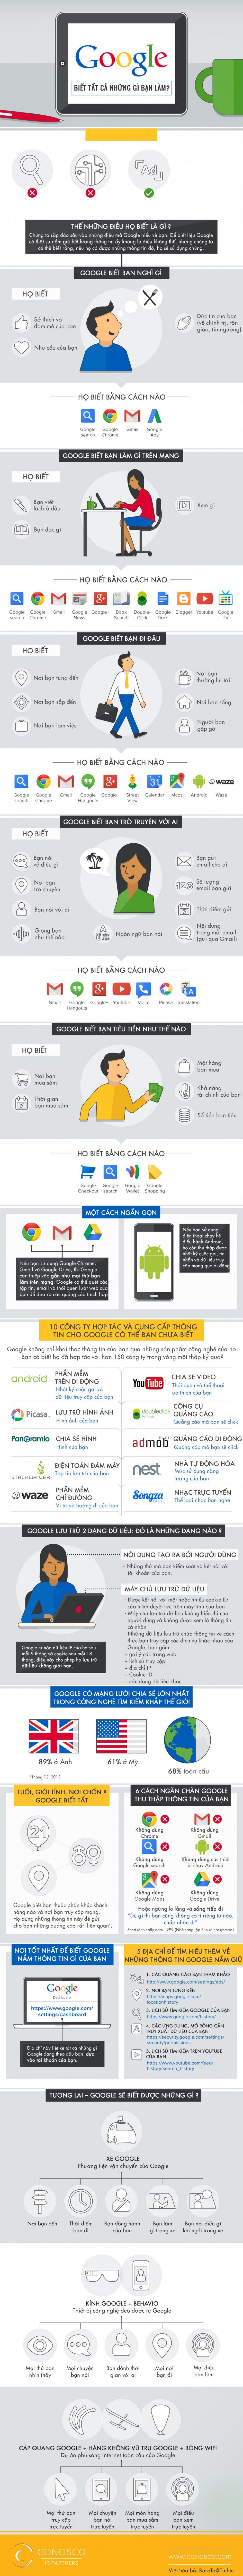 Infographic Google thấu hiểu bạn đến đâu